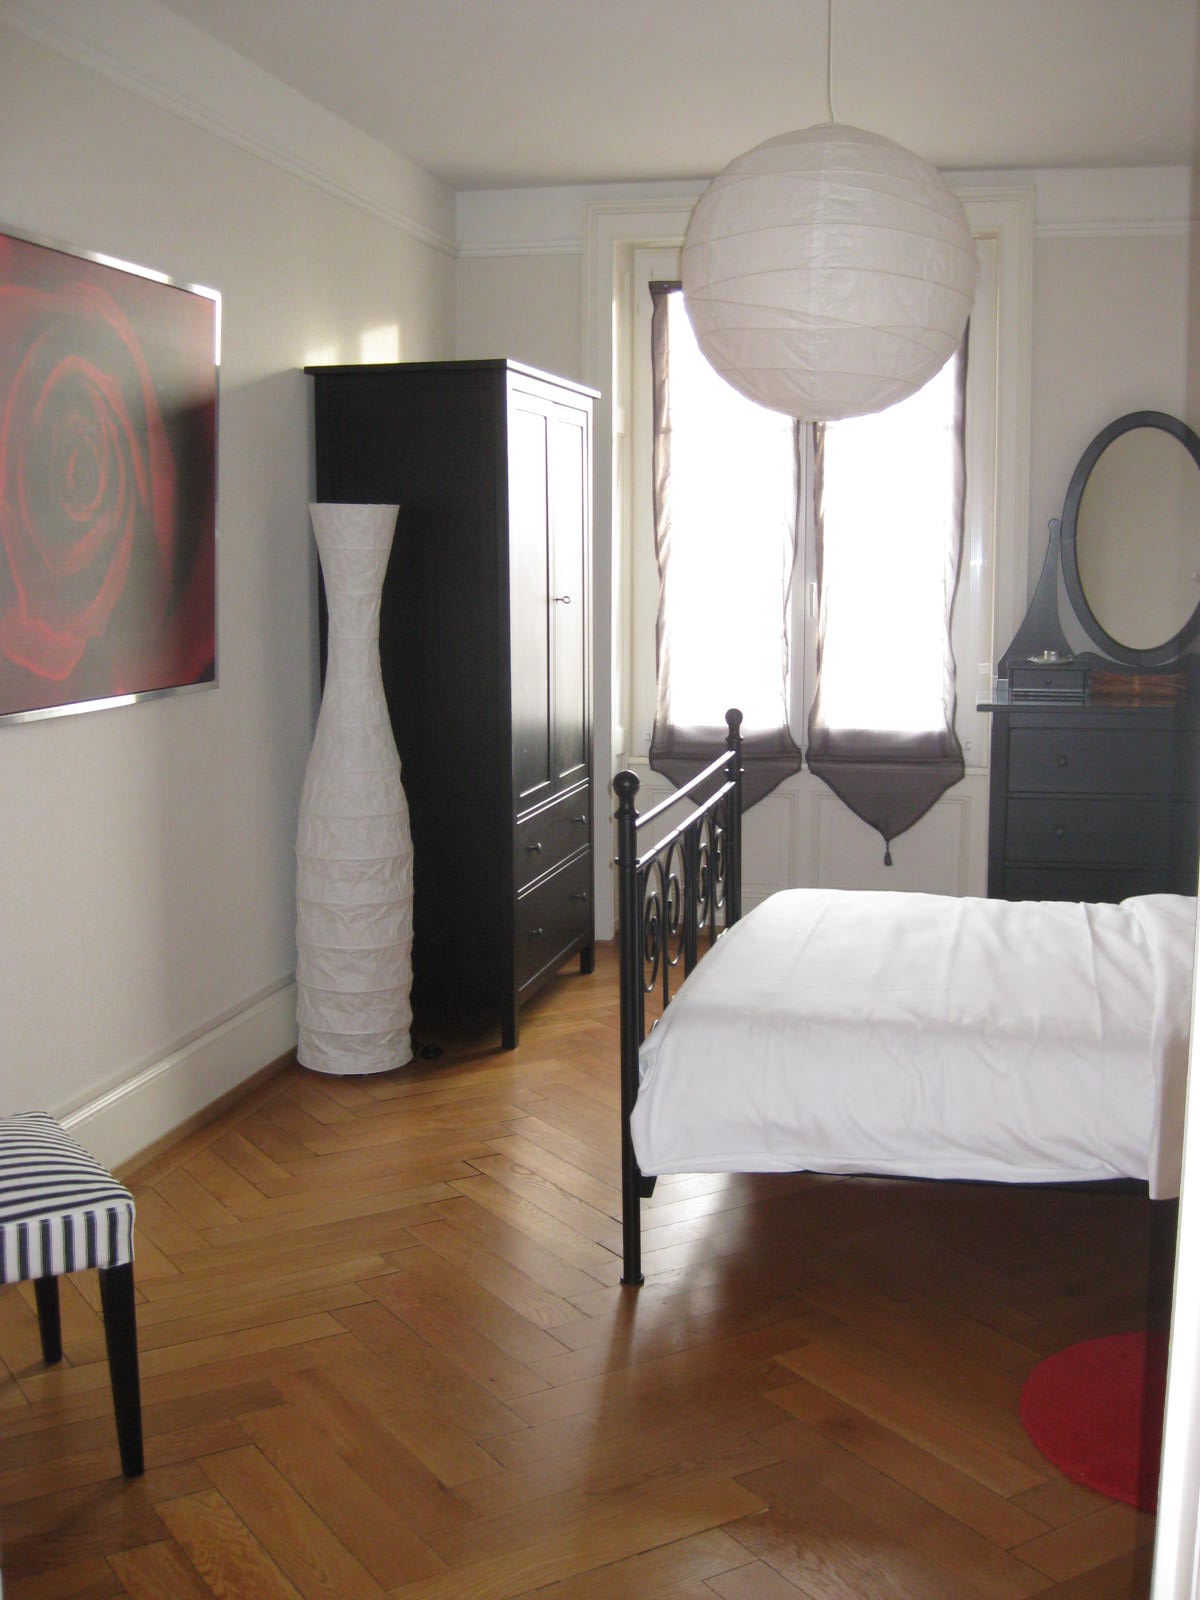 Av. des Alpes 2, Lausanne - 3,5 pièces au 3ème étage 3